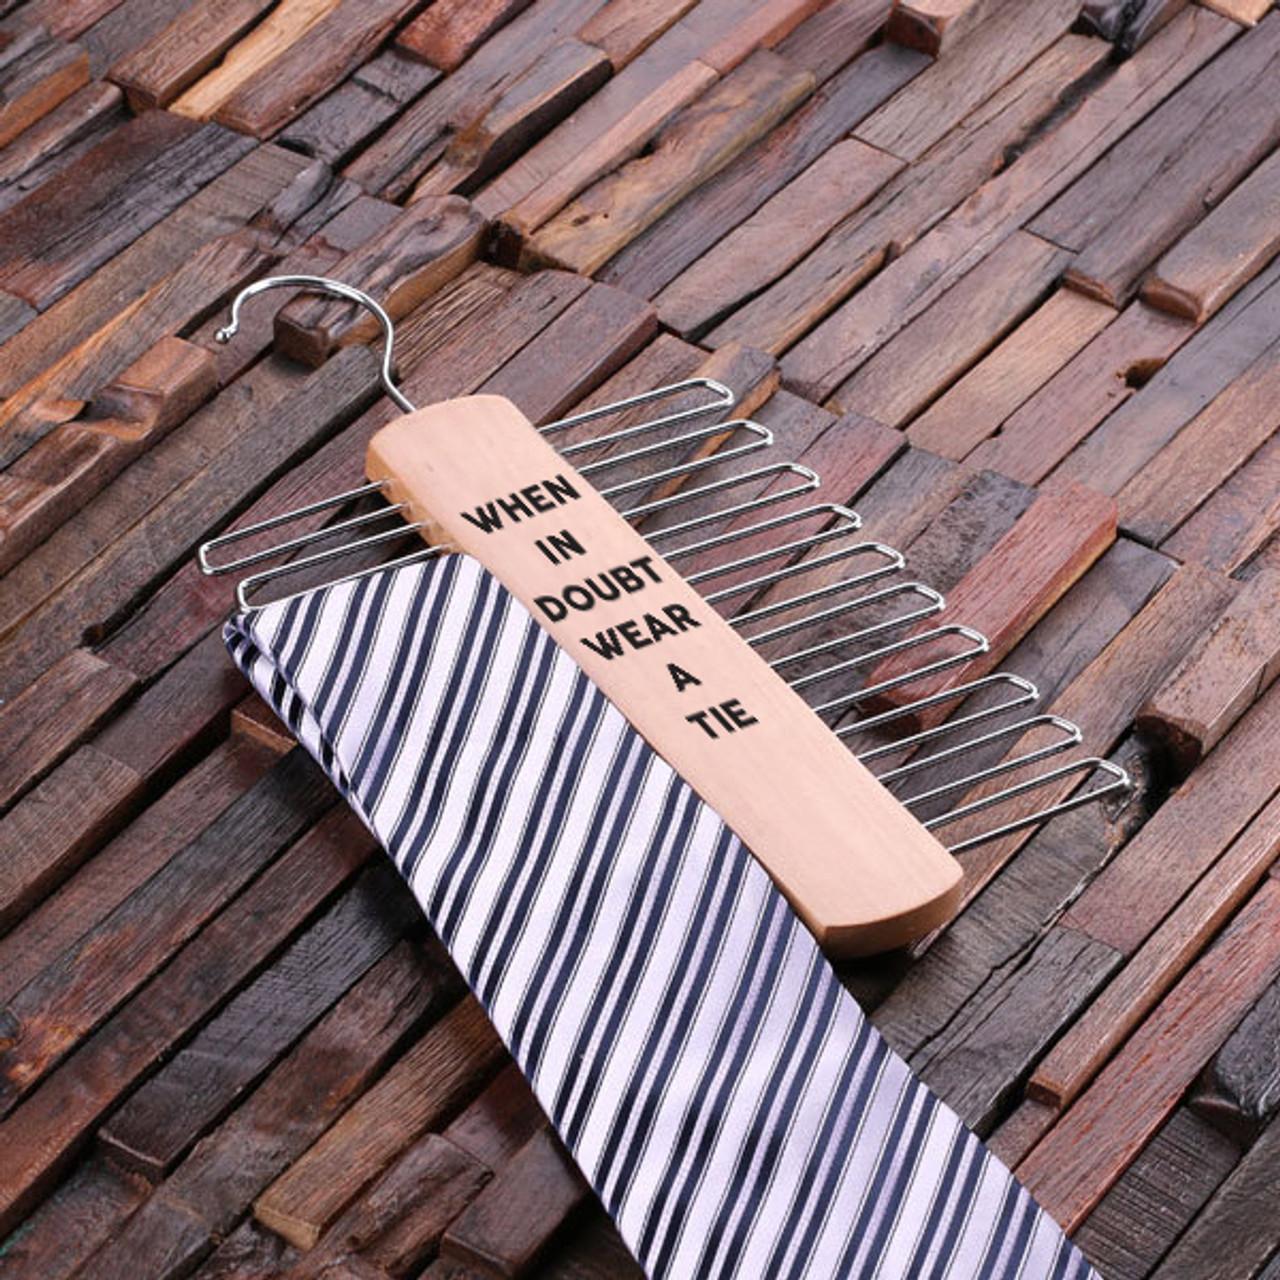 Engraved Tie Hanger - When In Doubt